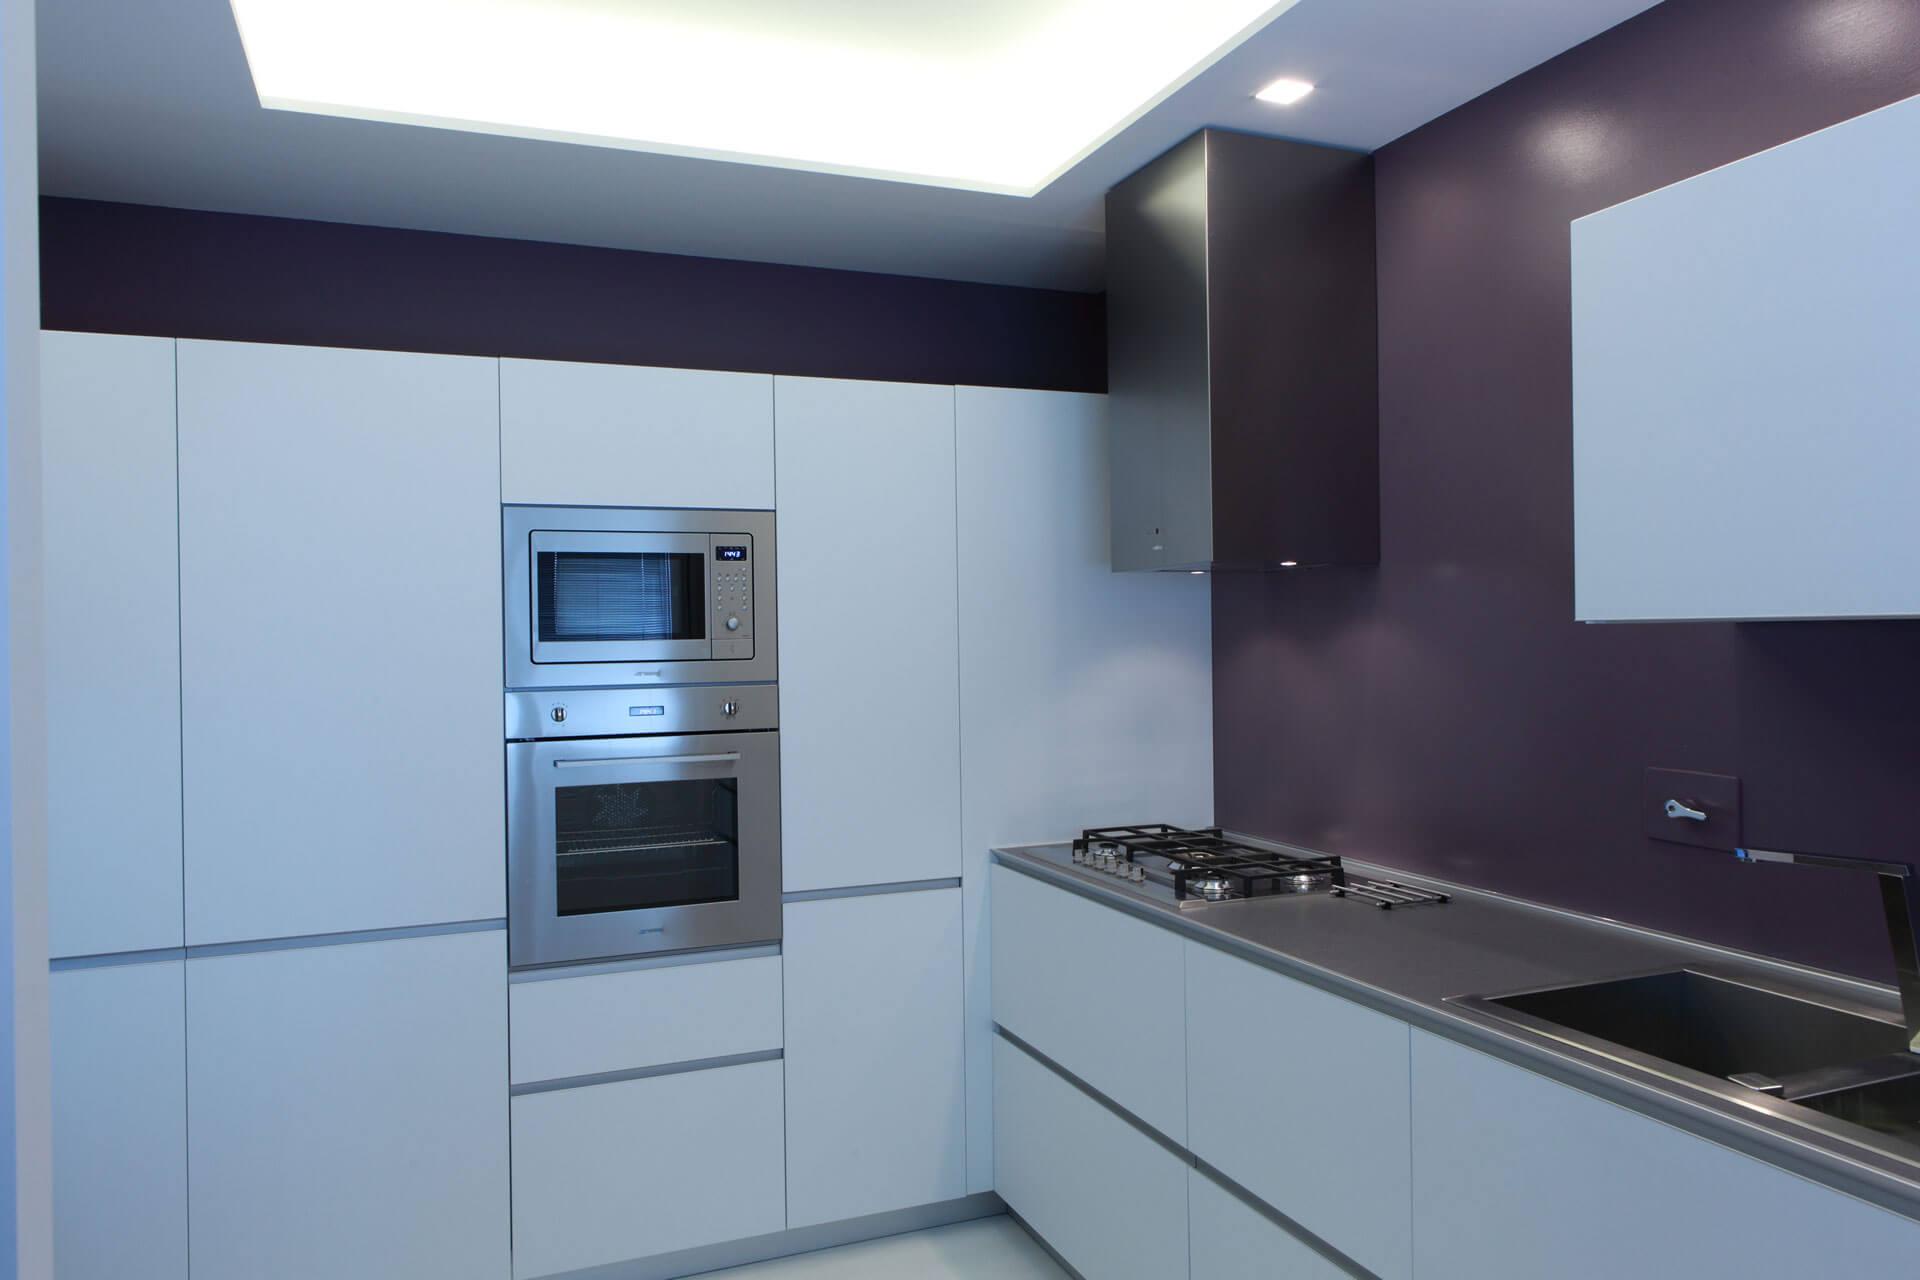 micaela mazzoni studio interior designer bologna - progetti abitativi - gallery - appartamento castel maggiore - le piazze 1